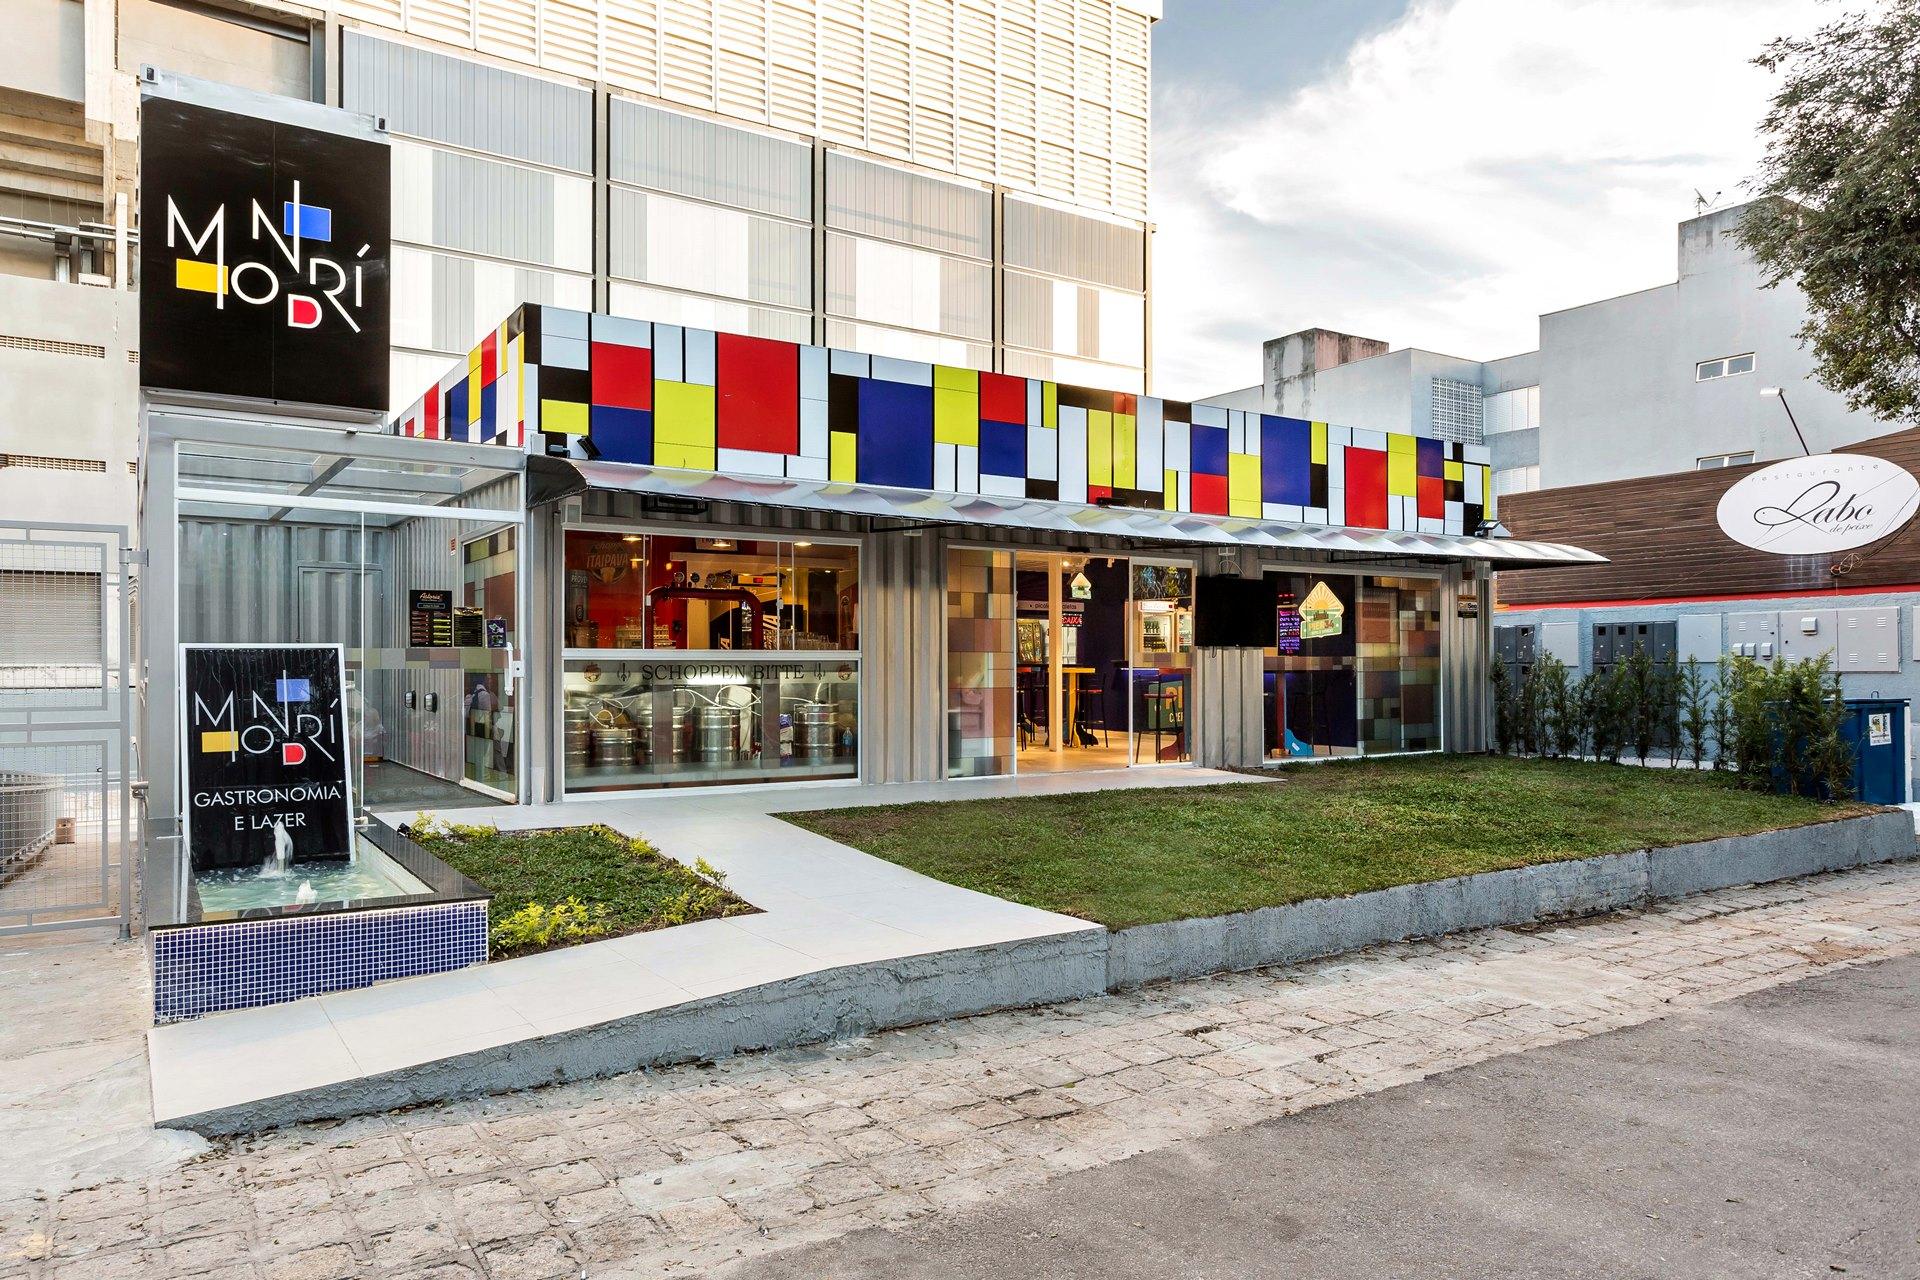 Primeiro polo gastronômico da região metropolitana de Curitiba será inaugurado após o feriado, em São José dos Pinhais